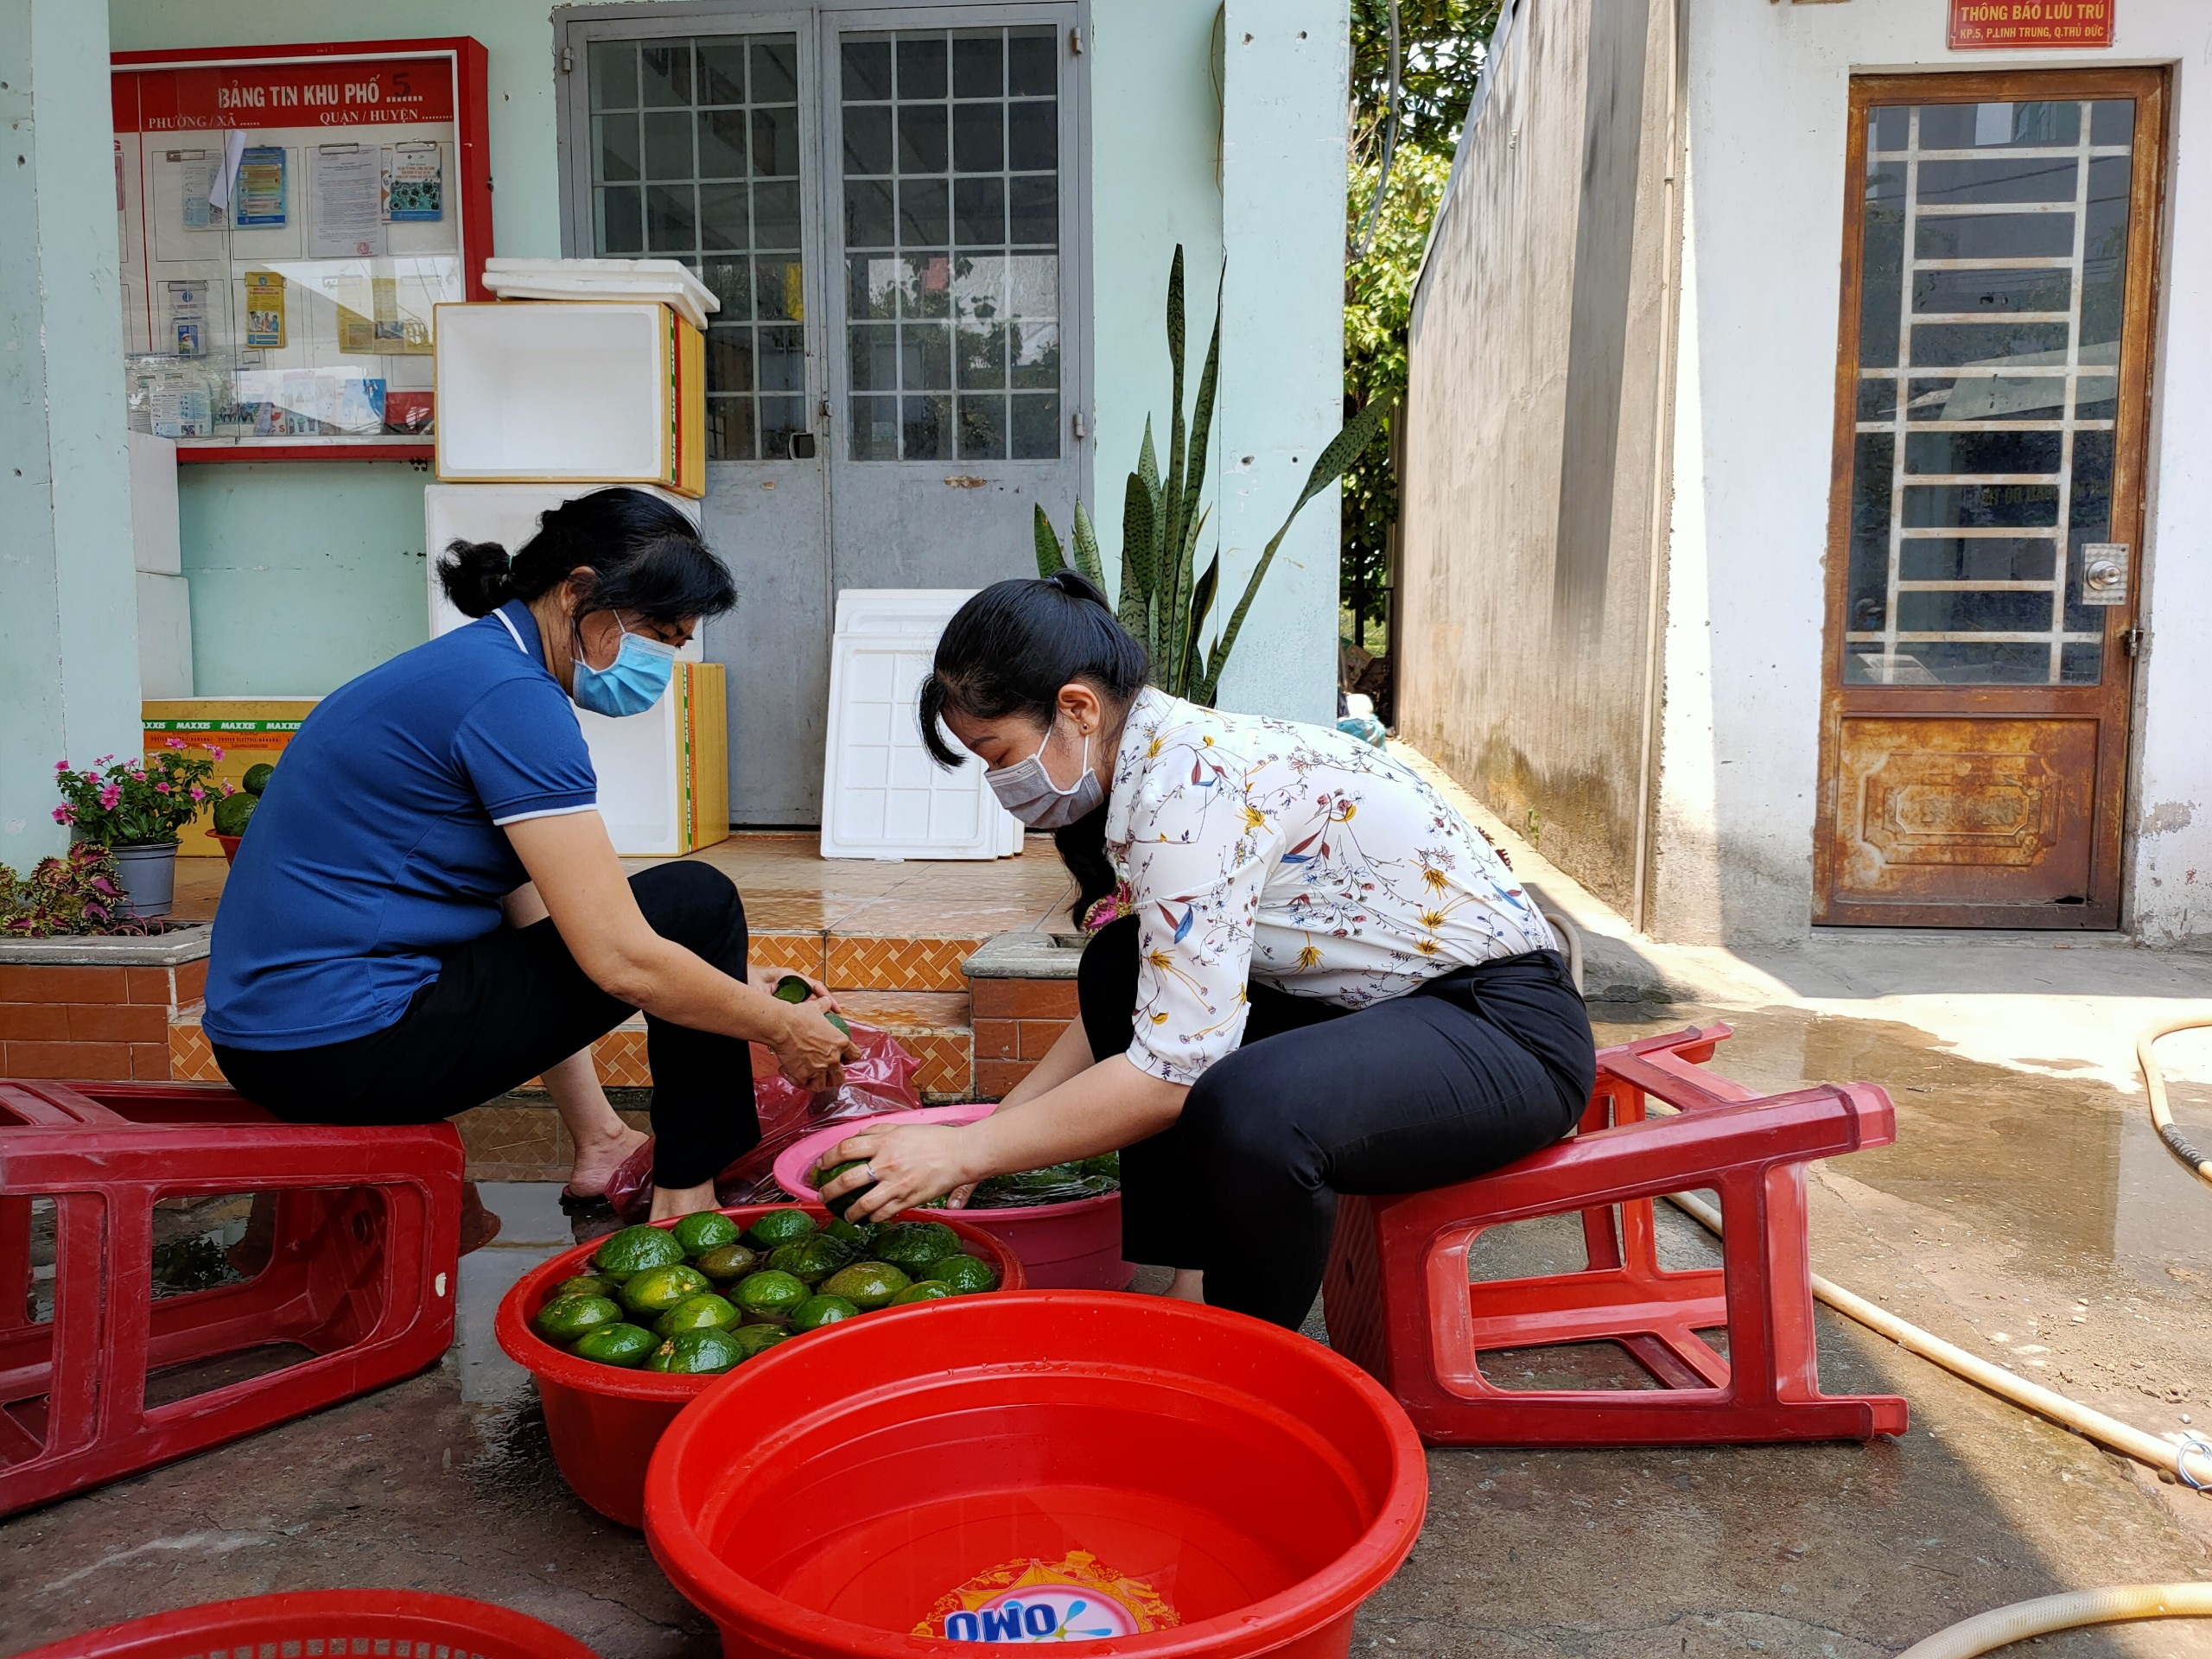 Cùng nhau chuẩn bị cam tươi vắt lấy nước gửi qua khu cách ly tập trung ký túc xá ĐH Quốc gia TP.HCM.